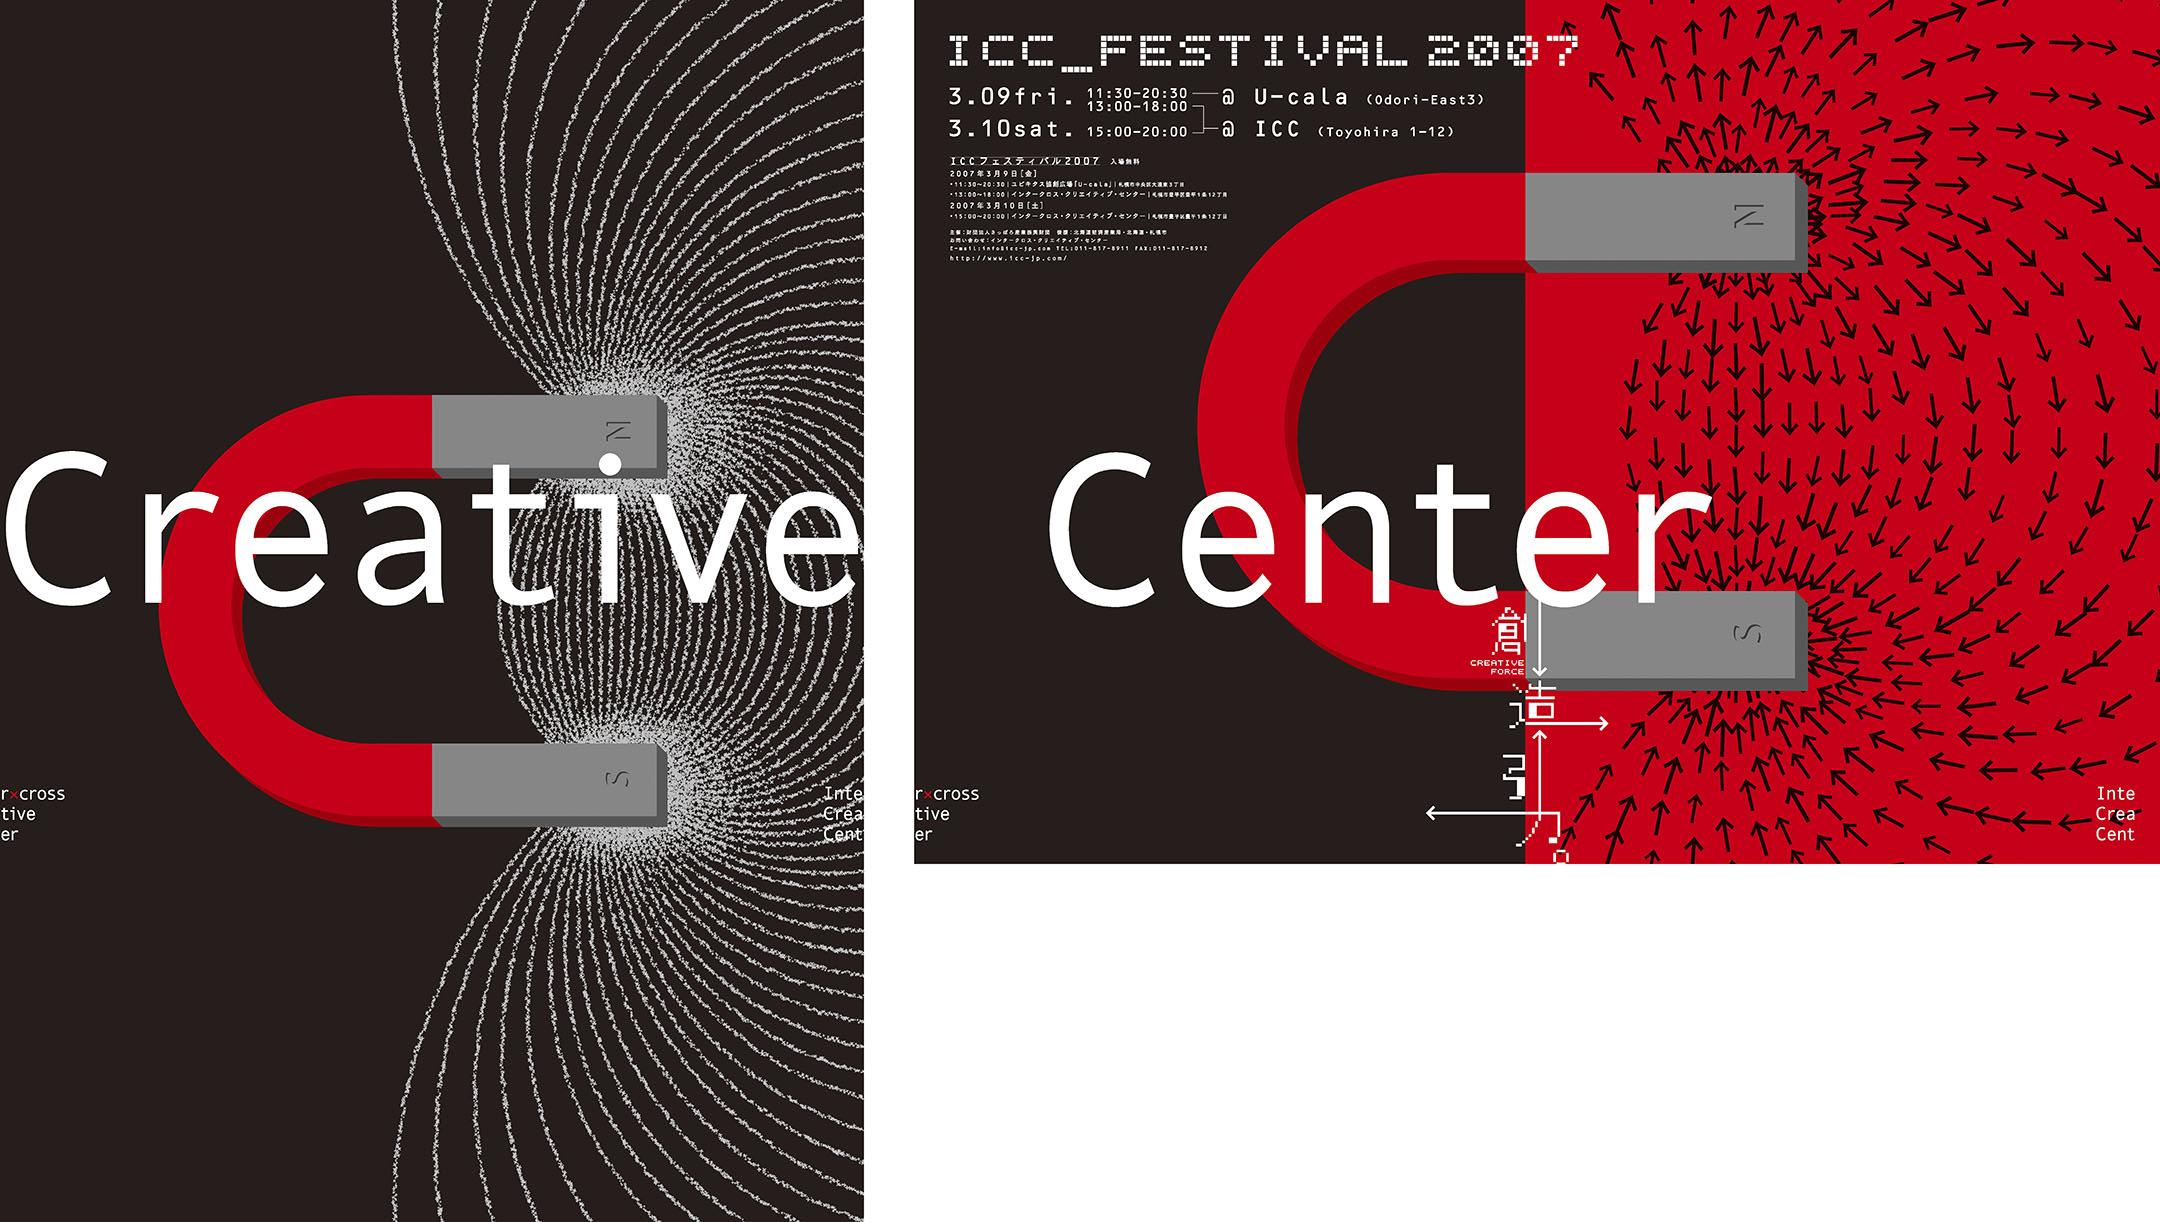 ICC Festival 2007